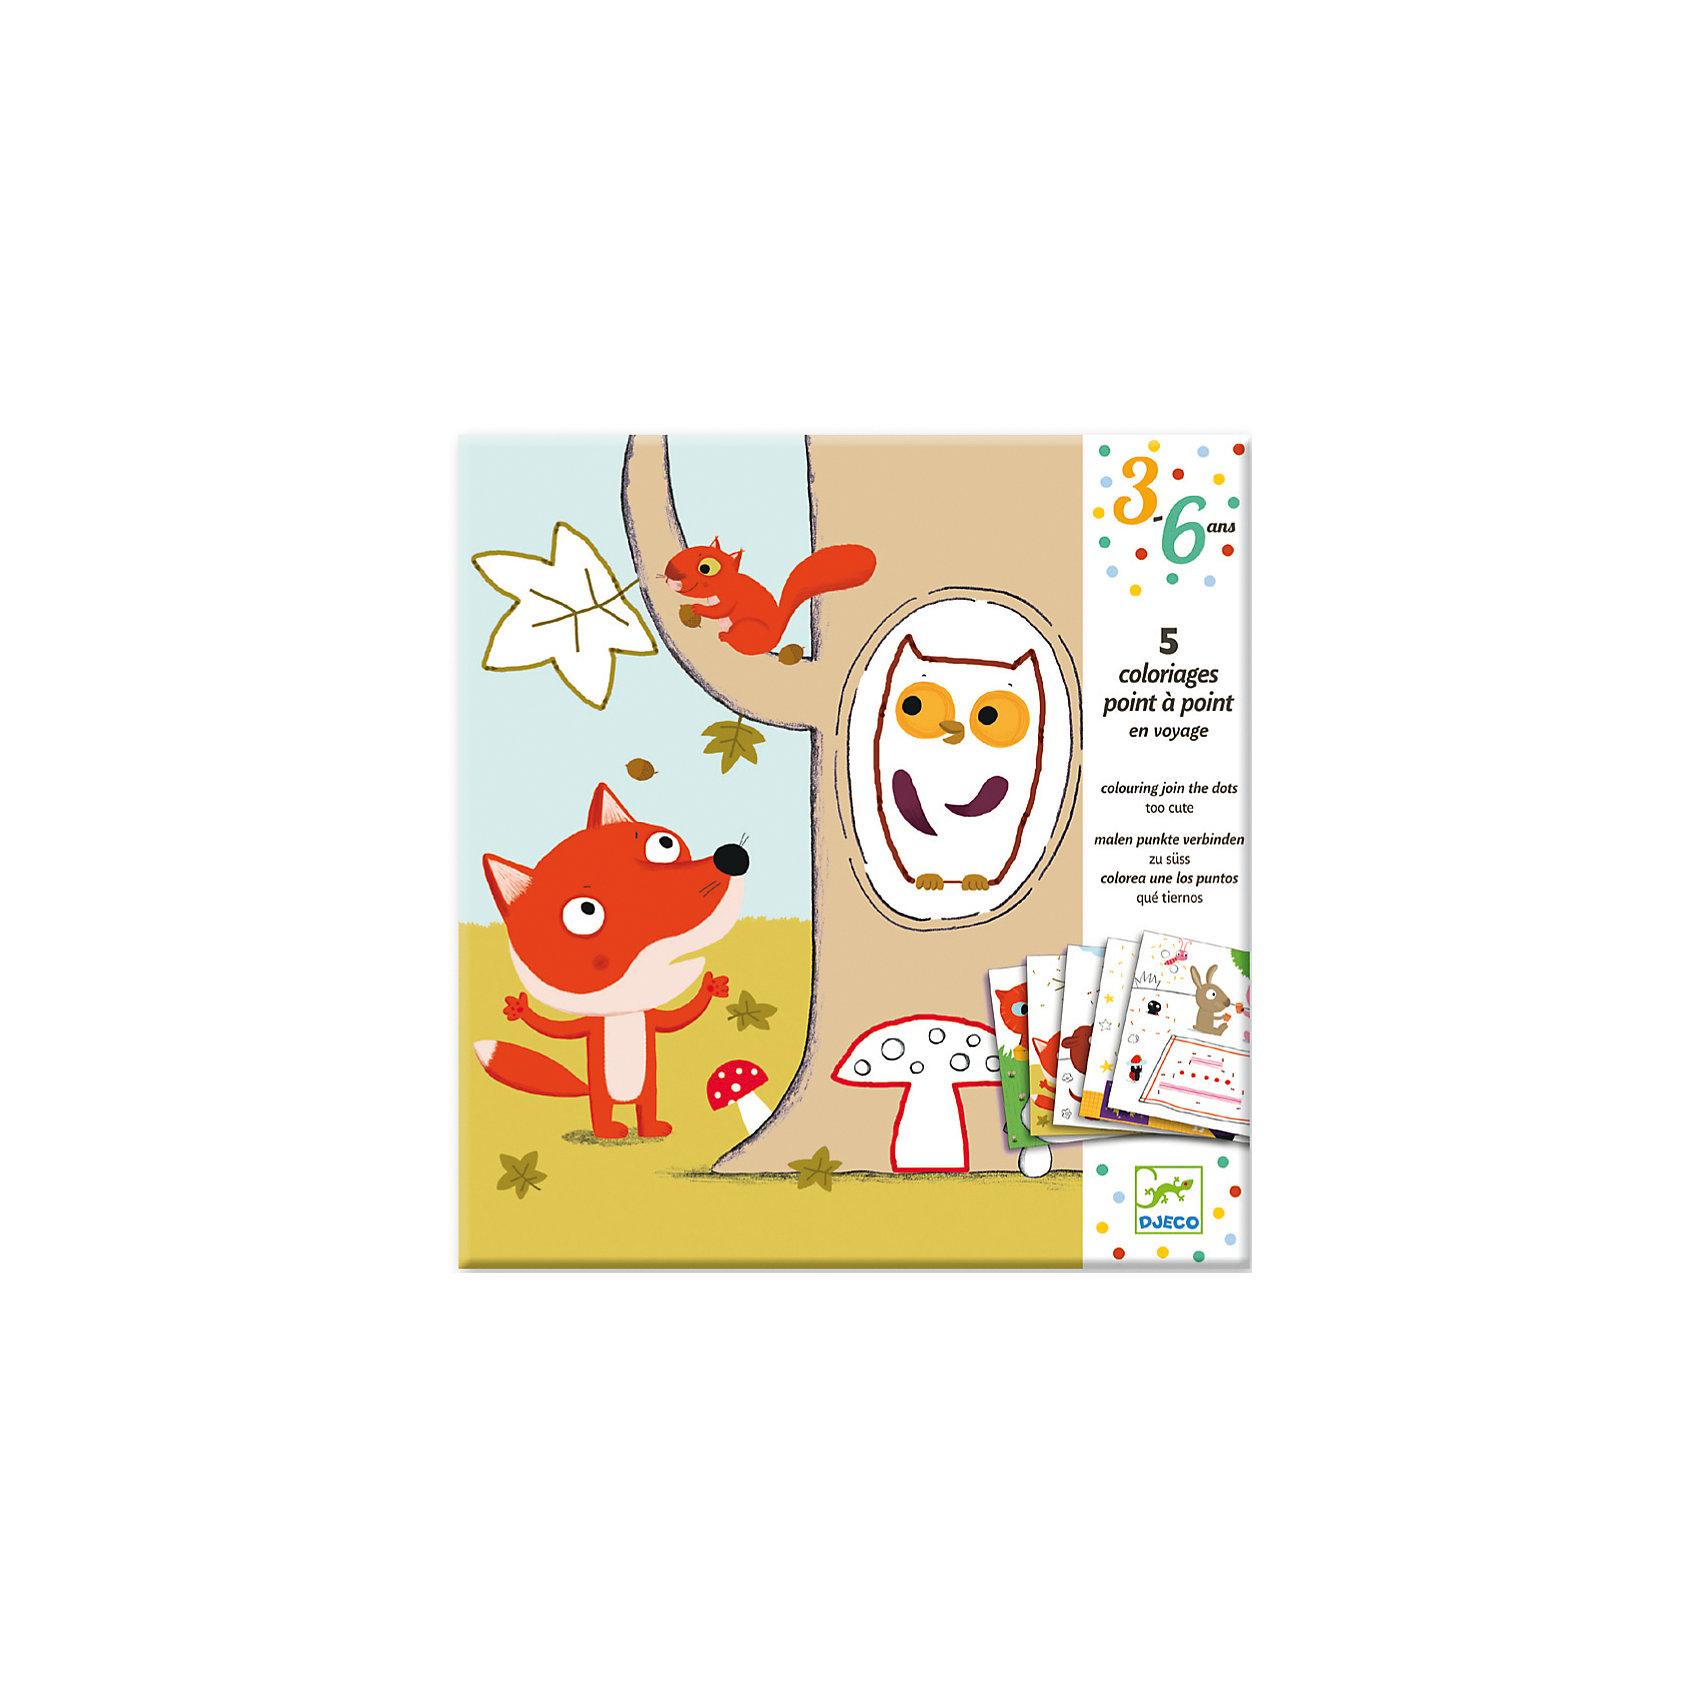 Раскраска Соедини точкиРаскраска по точкам Соедини точки от французского бренда Djeco - классическая раскраска для детей, учащихся рисовать и изучающих цифры и счет. Откройте в своём ребёнке талант художника! Раскраска состоит из 5 веселых картинок с животными с элементами, обозначенными точками и цифрами, указывающими порядок соединения деталей линиями. Для рисования можно использовать цветные карандаши, фломастеры или пастель. После соединения точек получившиеся фигуры можно раскрасить по образцам, размещённым на обратной стороне упаковки. Такие раскраски направлены на усвоение в игровой форме навыкам счета и порядку следования цифр. А раскрашивая получившиеся контуры, ребенок получит массу удовольствия и сможет проявить свои творческие способности. Рисование развивает у детей усидчивость, мелкую моторику и воображение. Размер листа: 20 х 20 см. В комплекте: 5 листов.<br><br>Раскраска Соедини точки можно купить в нашем магазине.<br><br>Ширина мм: 220<br>Глубина мм: 230<br>Высота мм: 10<br>Вес г: 100<br>Возраст от месяцев: 36<br>Возраст до месяцев: 72<br>Пол: Унисекс<br>Возраст: Детский<br>SKU: 4783881